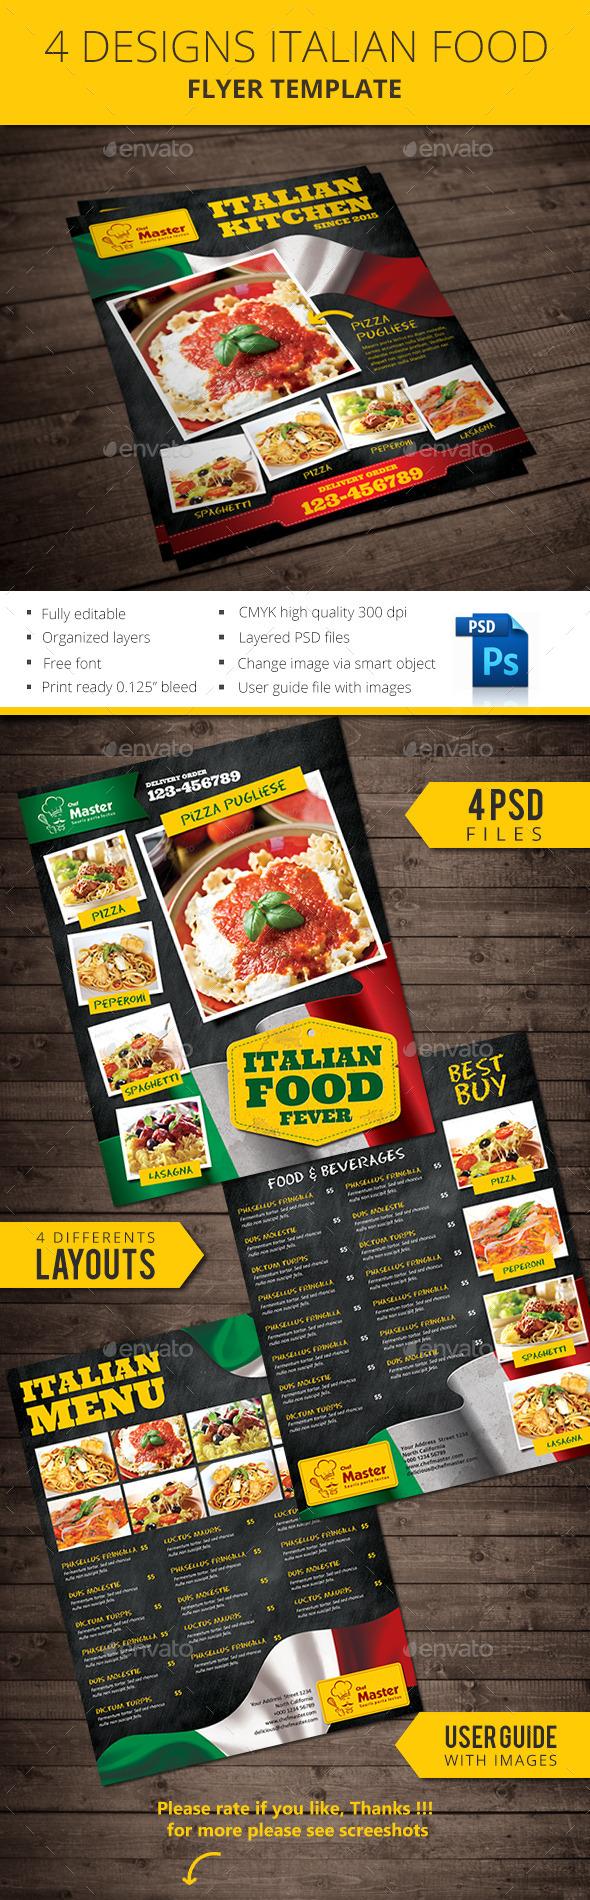 Italian Food Flyer